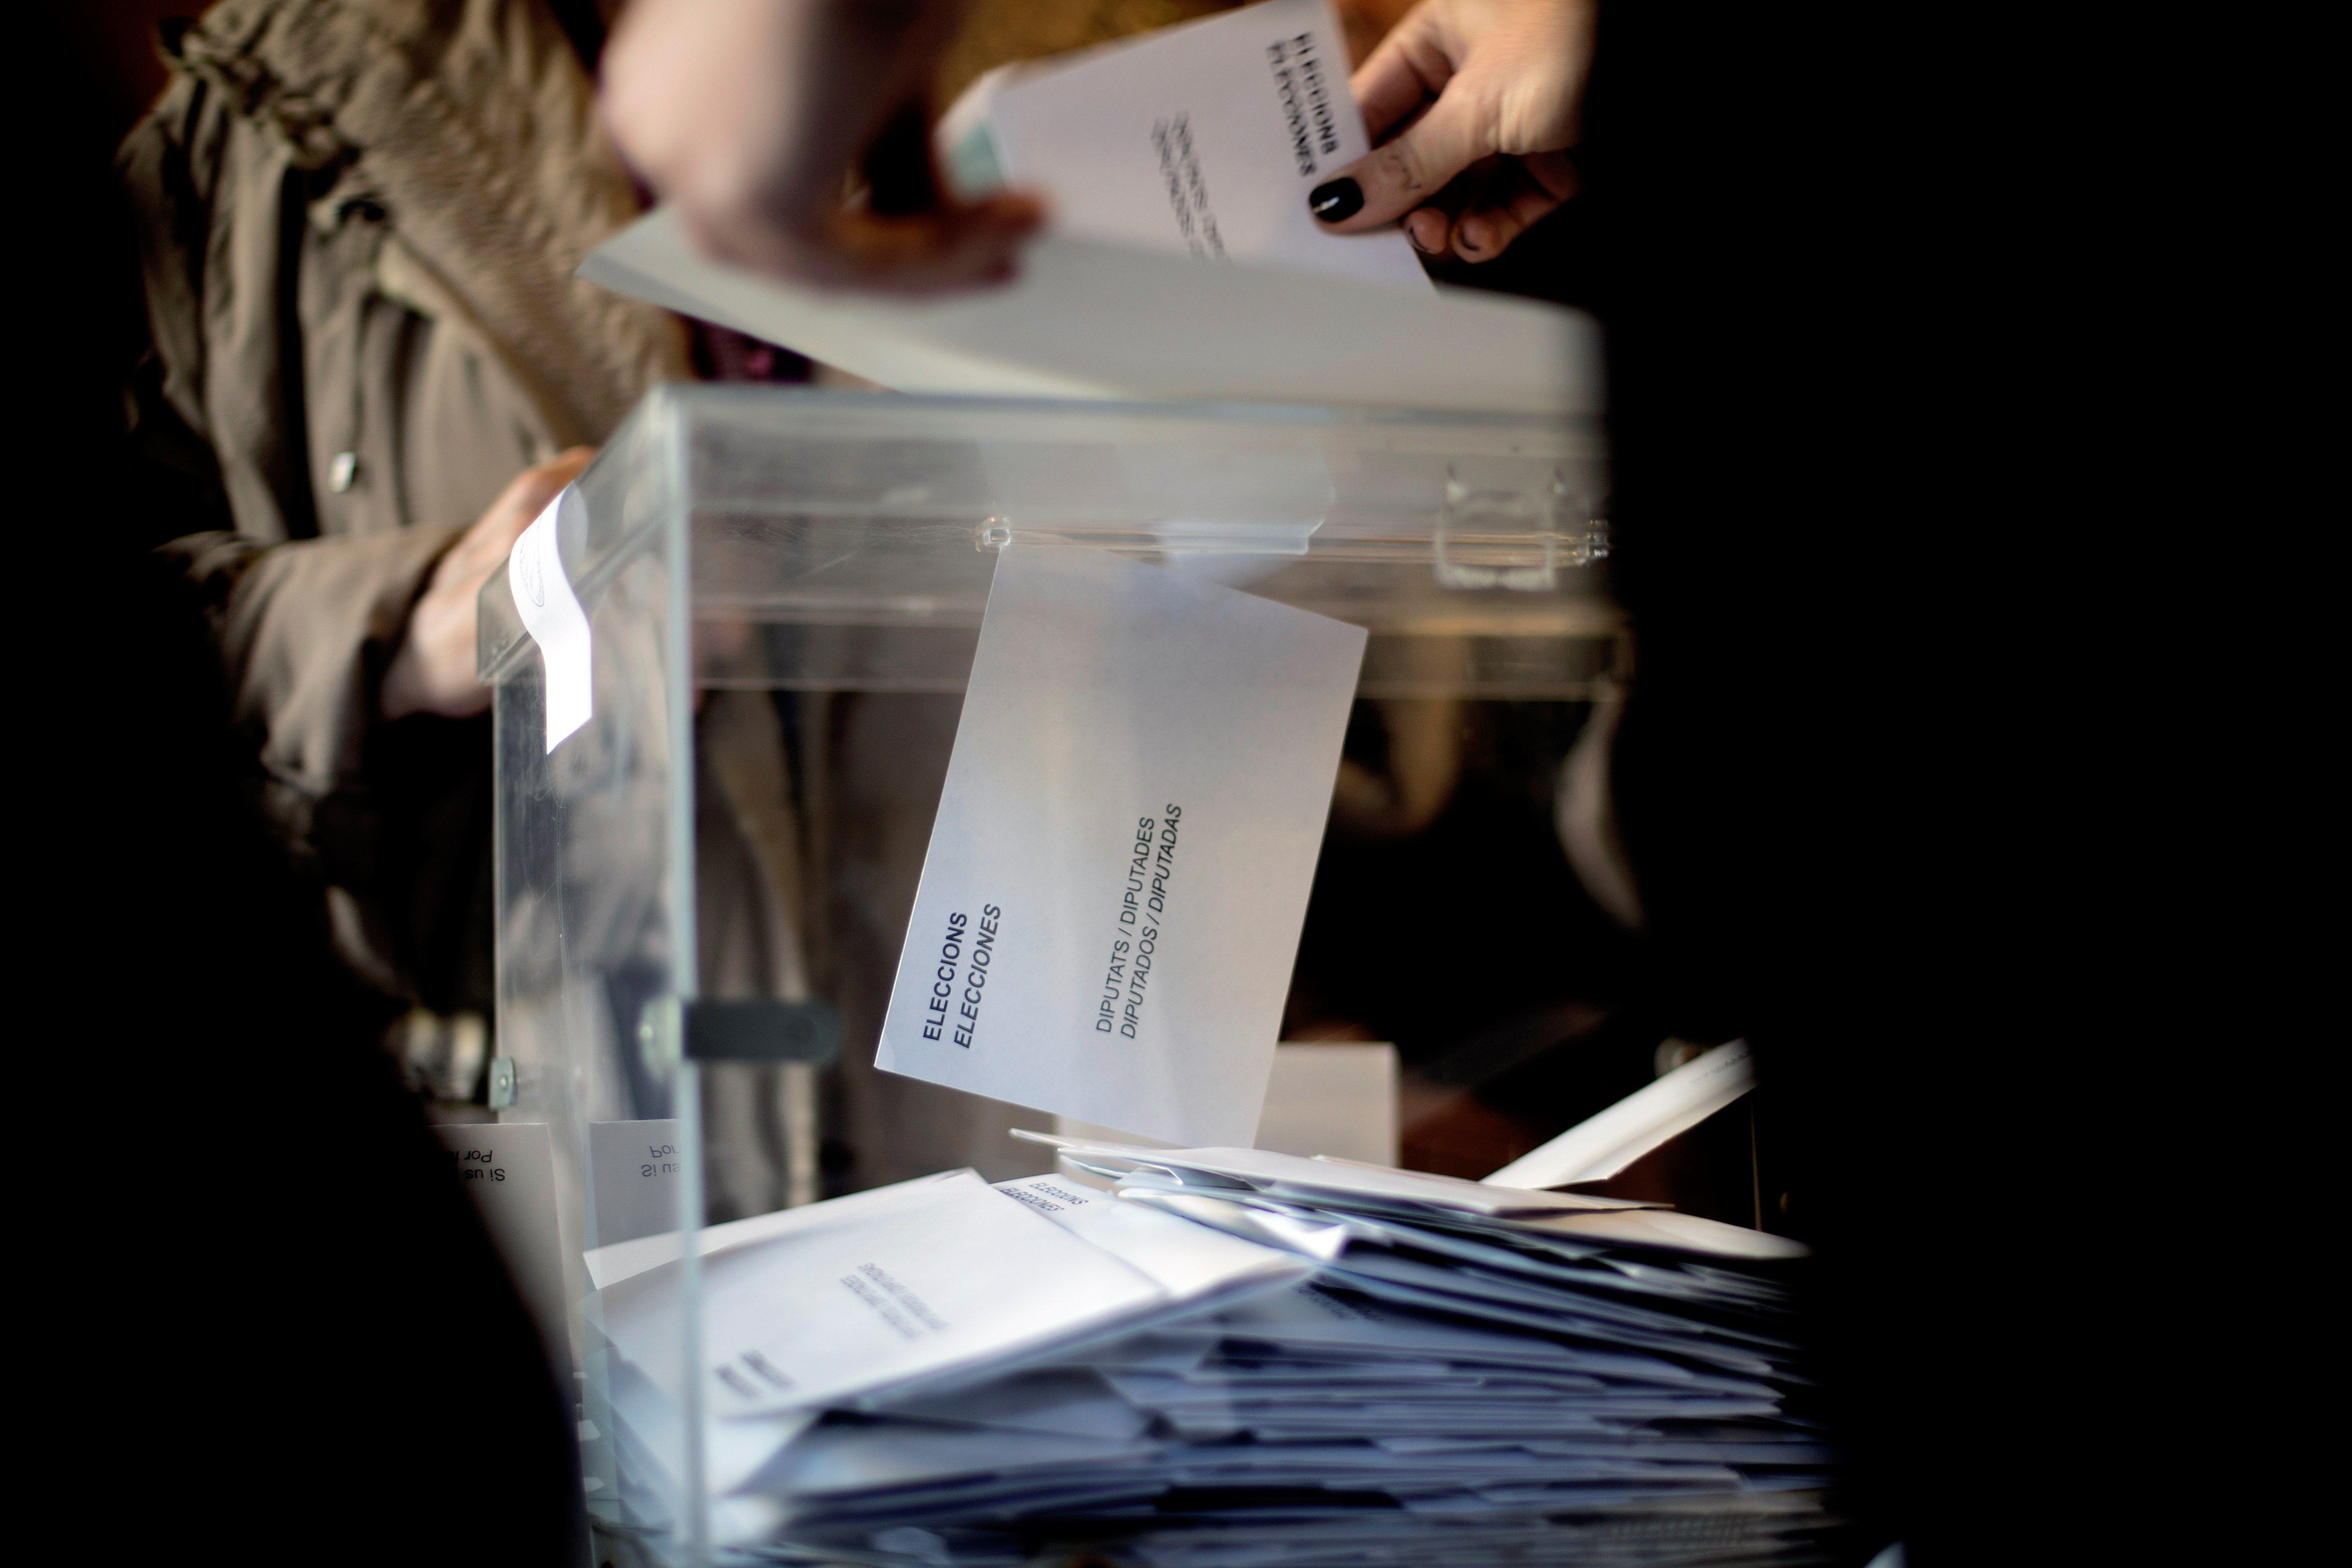 Nombroses persones han exercit el seu dret al vot a les taules electorals de la Escola Industrial de Barcelona. /MARTA PÉREZ